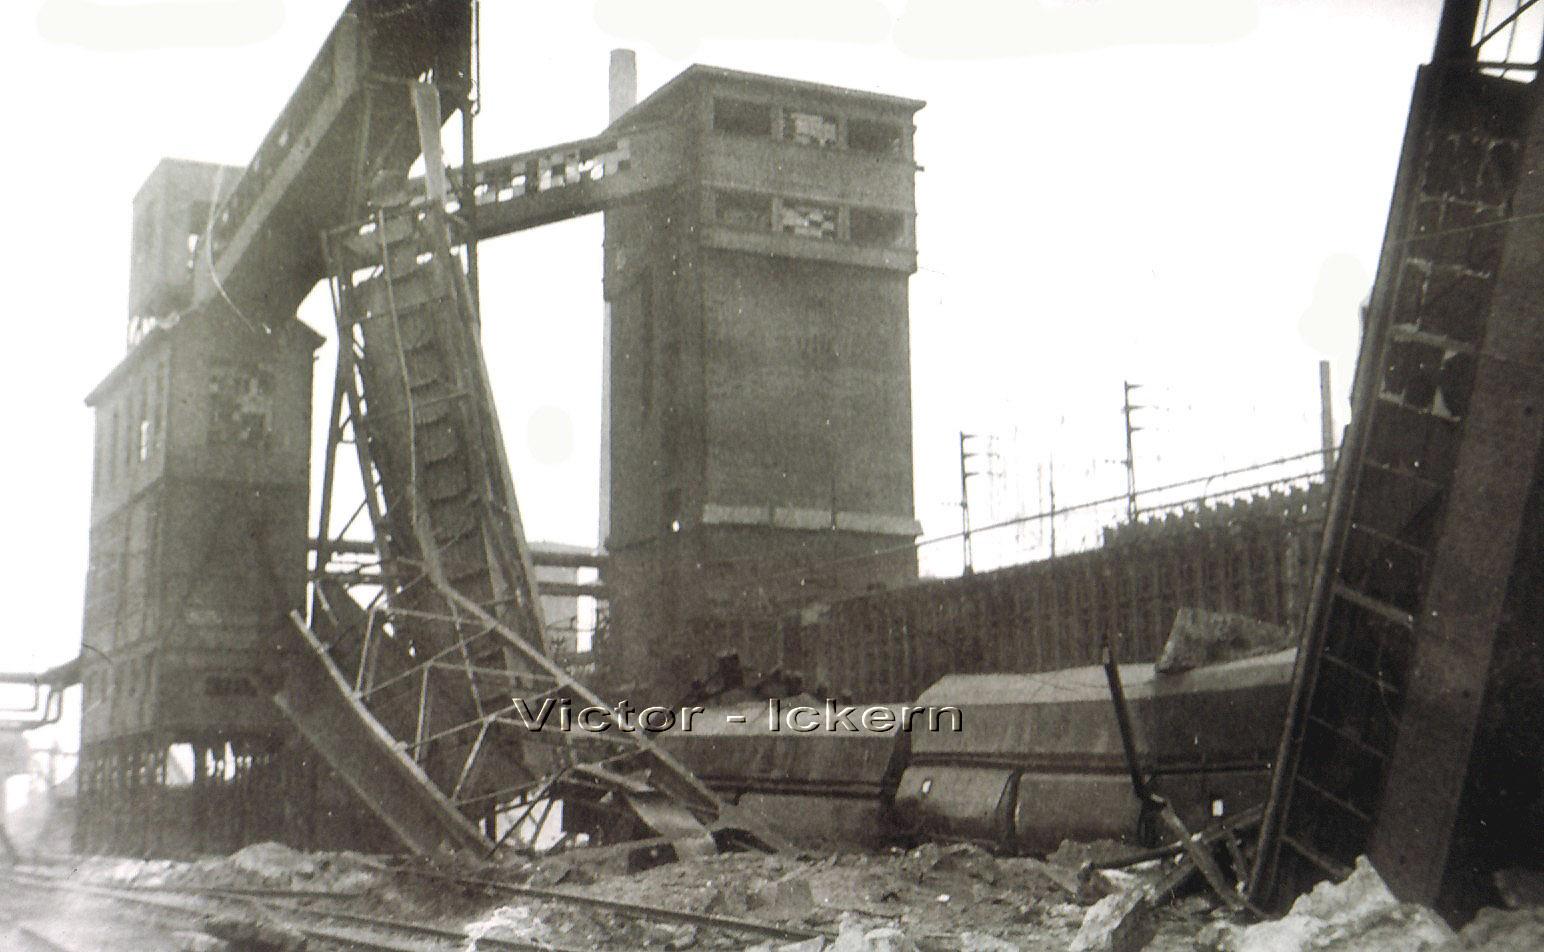 Zerstörte Bandbrücke und entgleiste Talbotwagen